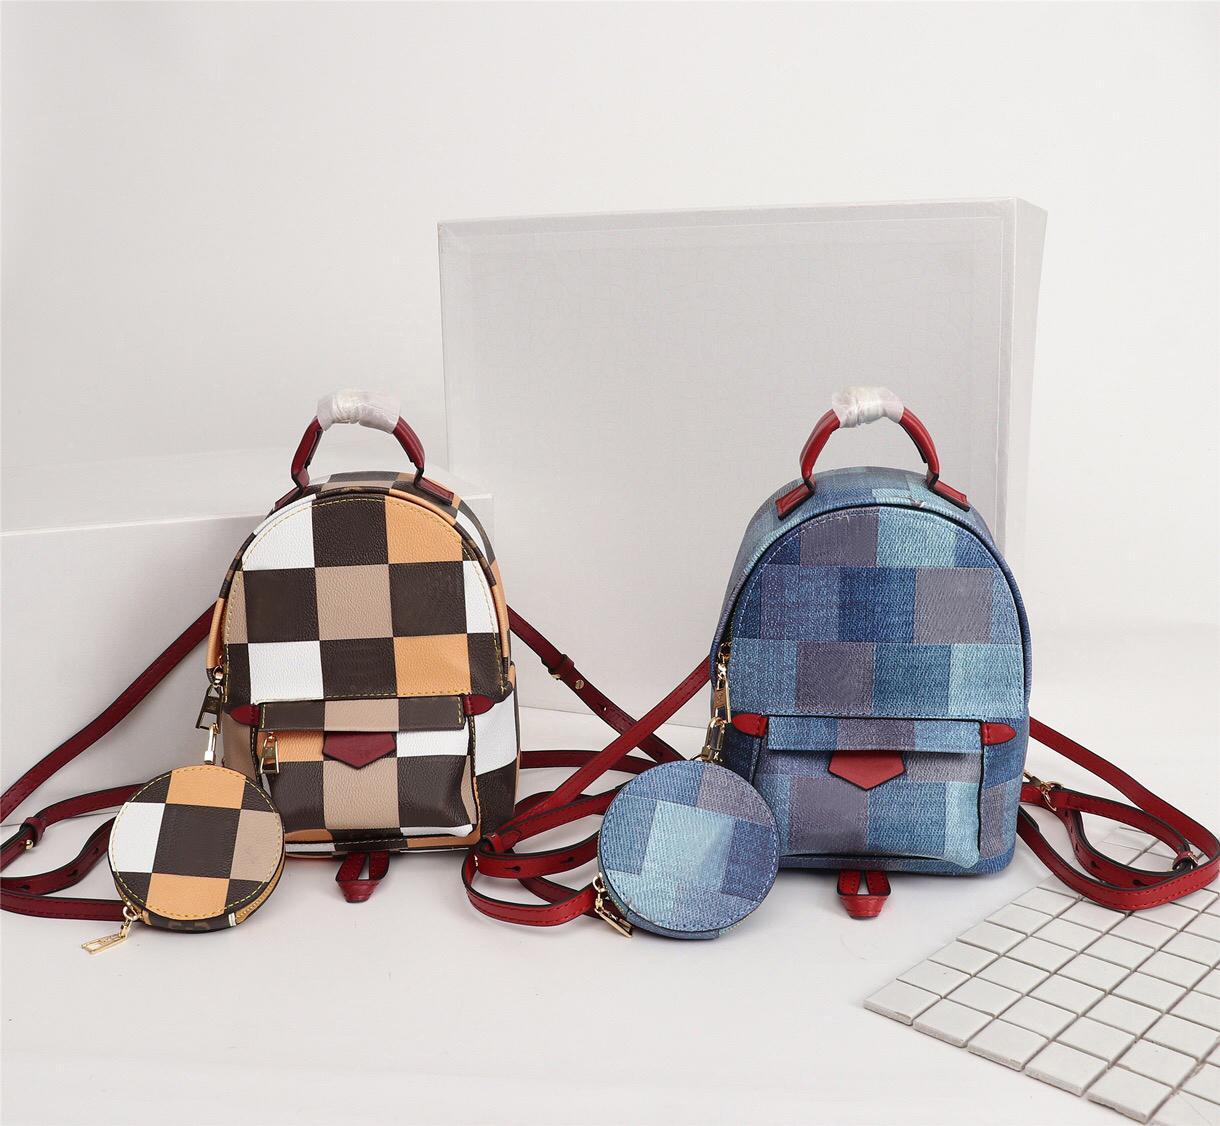 Mode Taschen Designer Frauen Versandkostenfrei Rucksack Mwkee Mini Kinder Frauen Leder Luxurys 2020 MRBGD